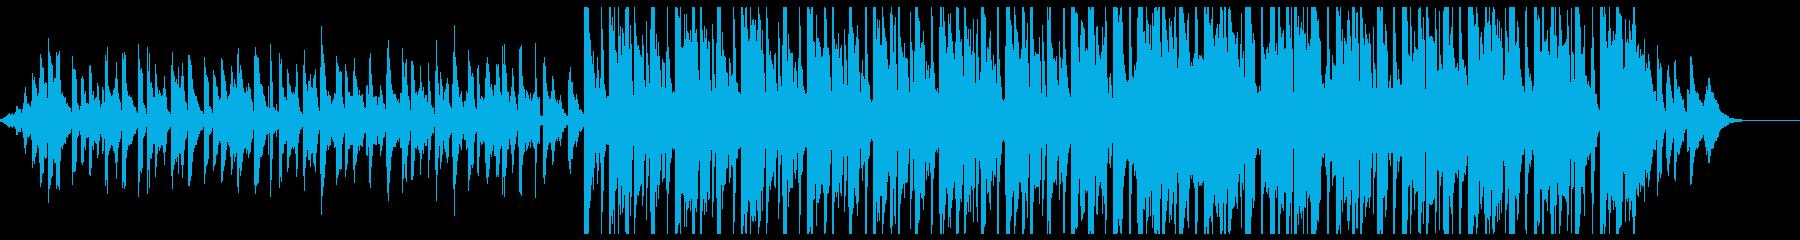 ファンク 広い 壮大 緊張感 ワイ...の再生済みの波形